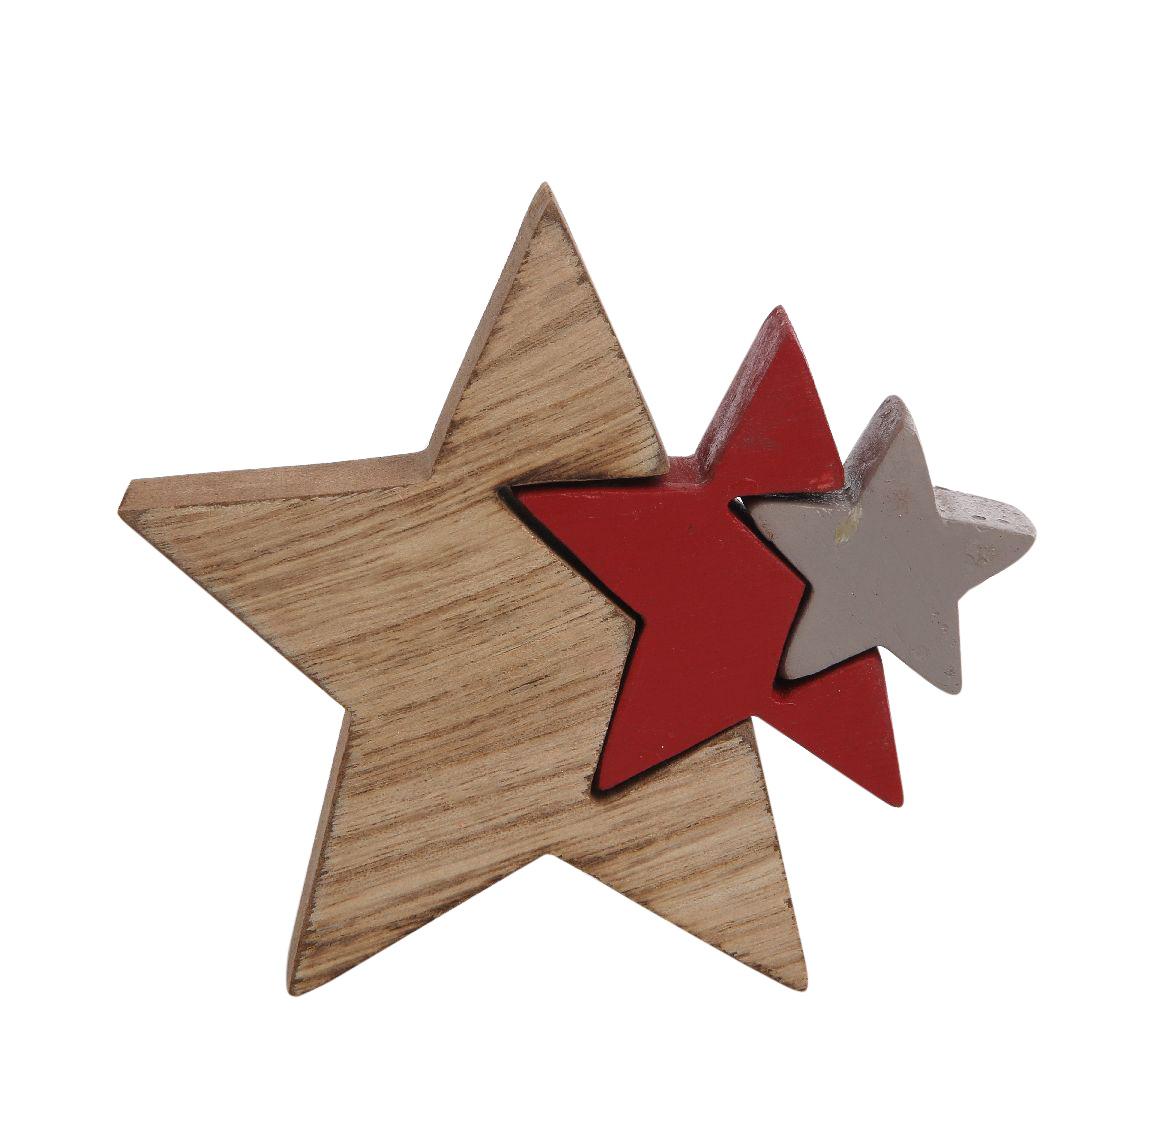 Figurka drewniana świąteczna Boże Narodzenie Altom Design Gwiazda potrójna 11x11,5 cm